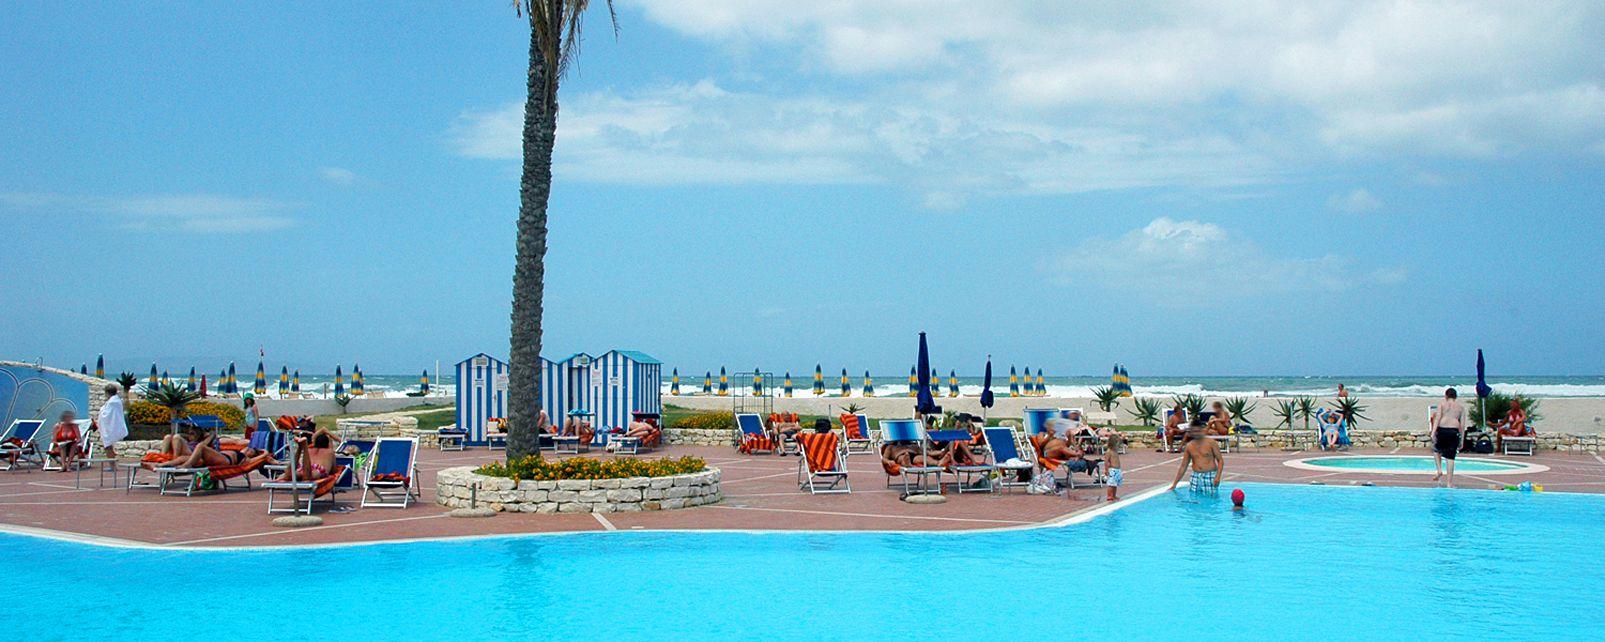 Hôtel I Mulini Resort